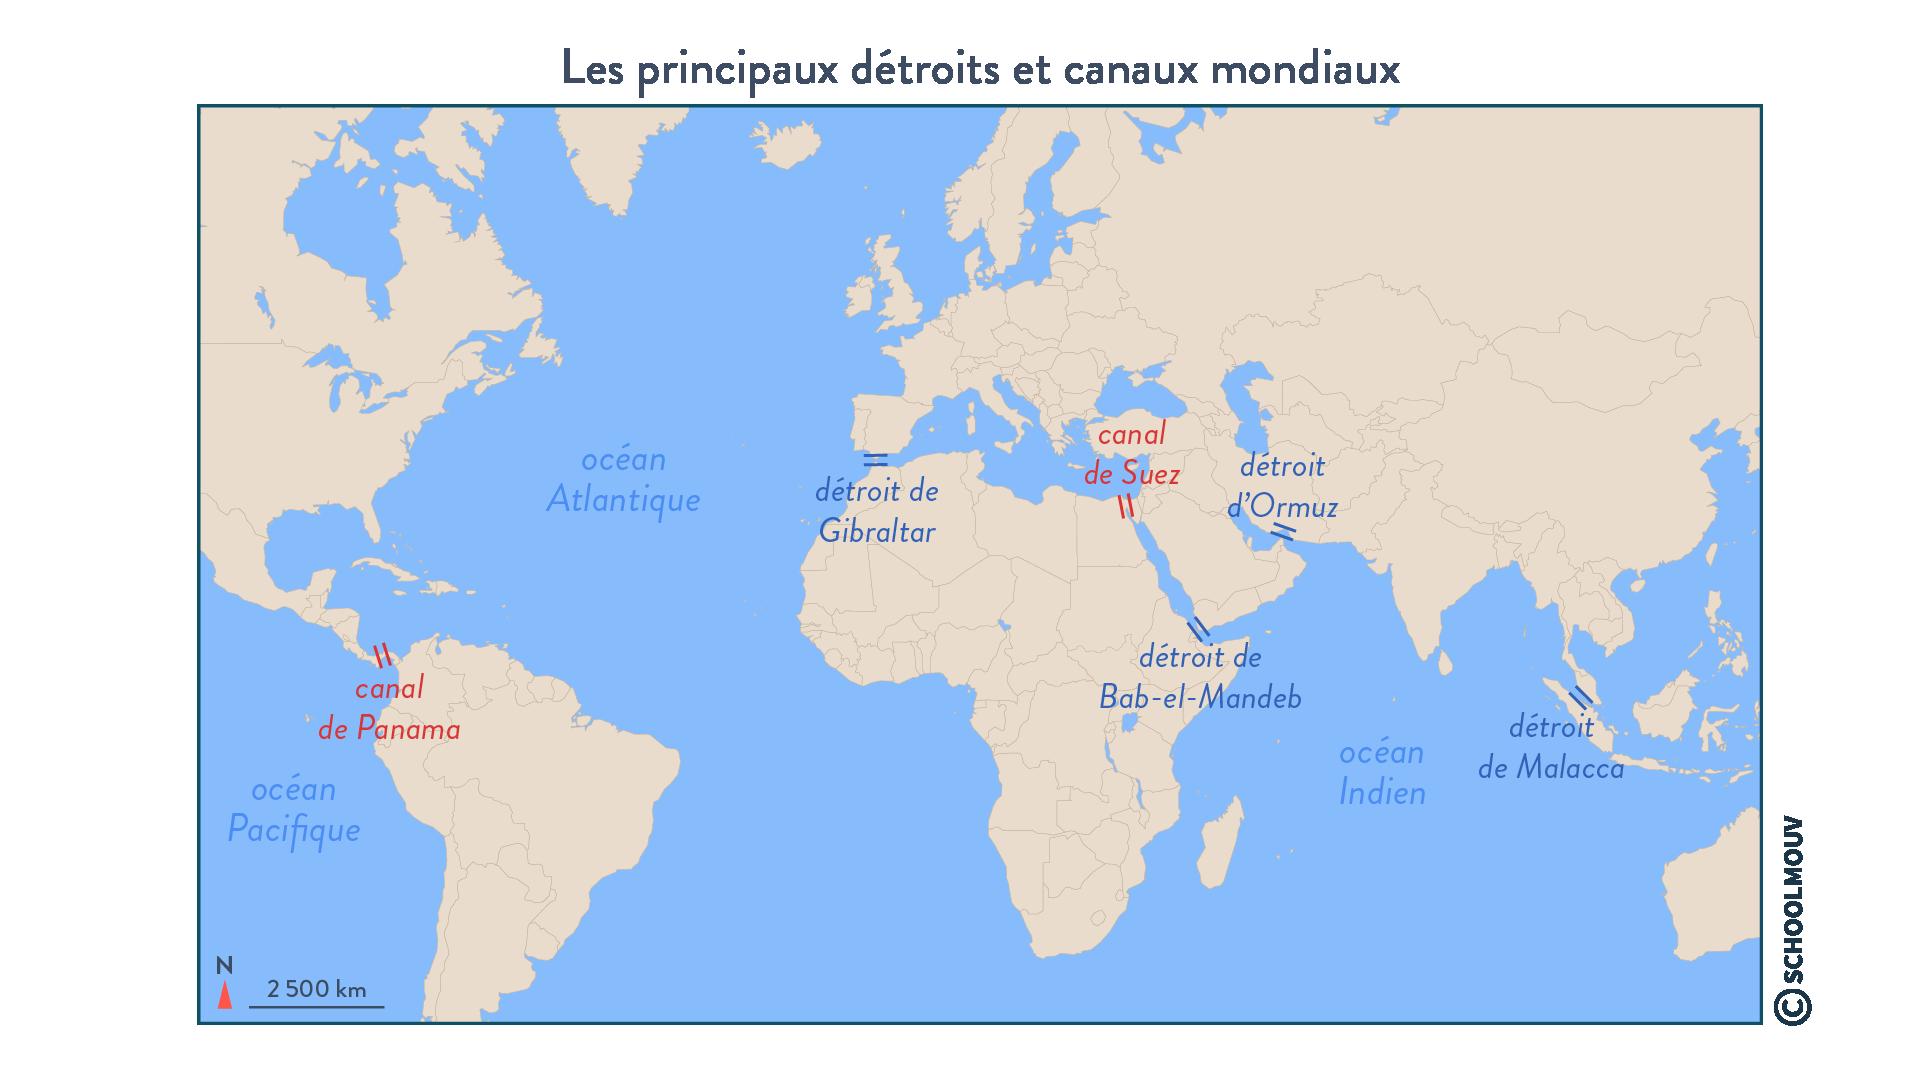 Les principaux détroits et canaux mondiaux - géographie - terminale - SchoolMouv